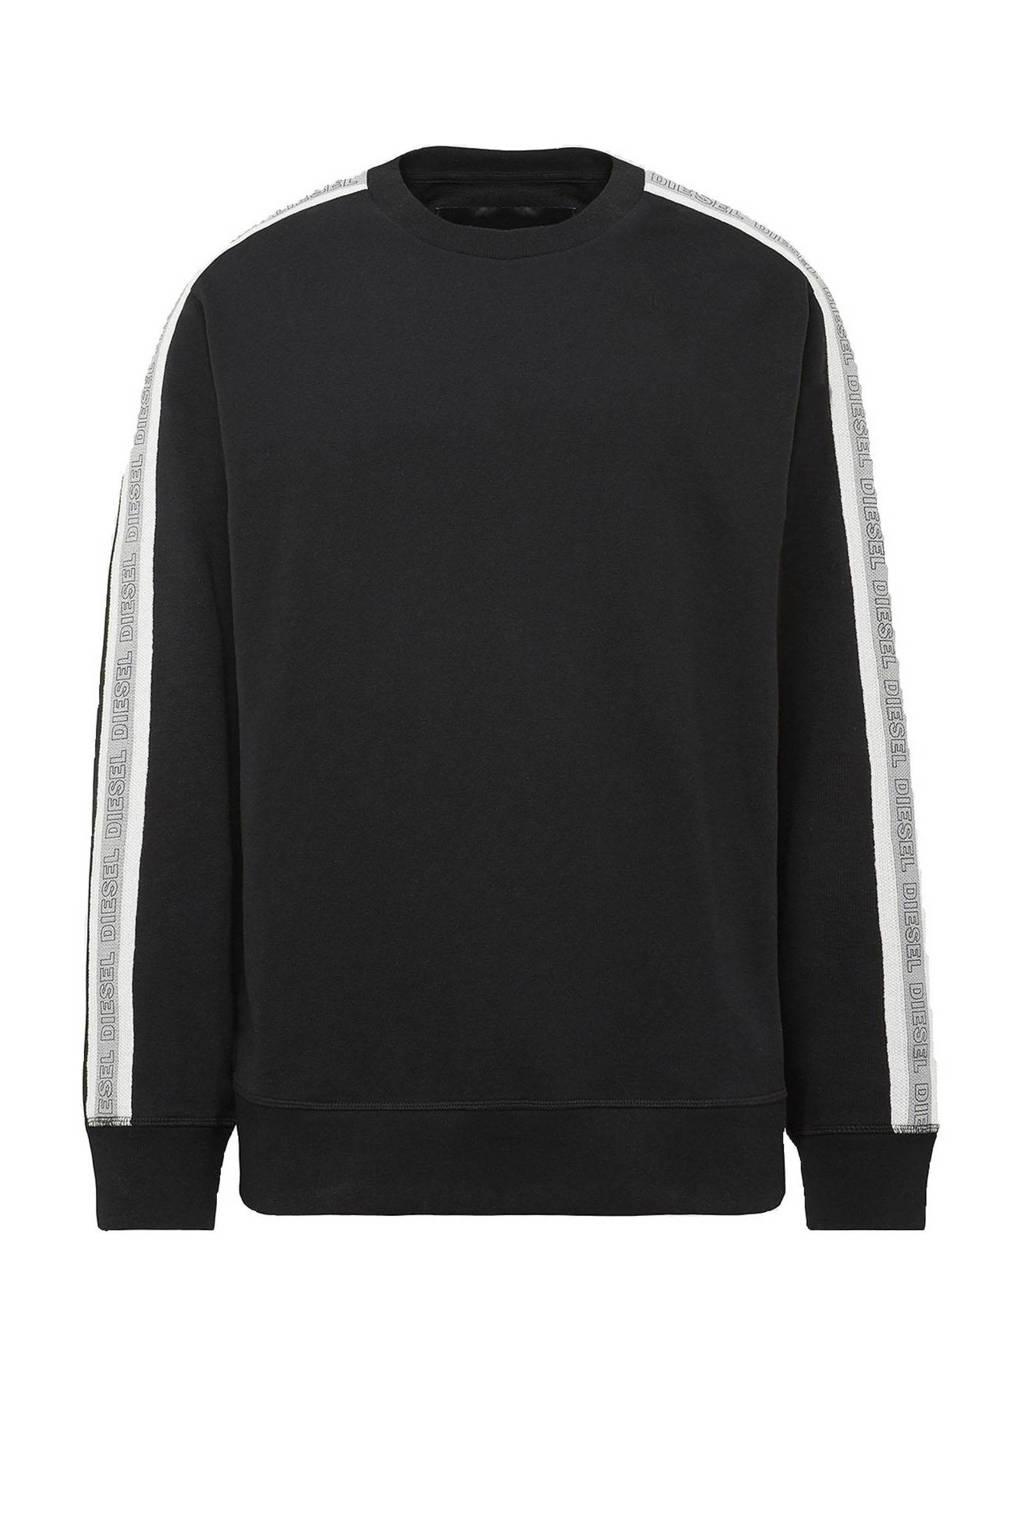 Diesel sweater Willy zwart, Zwart